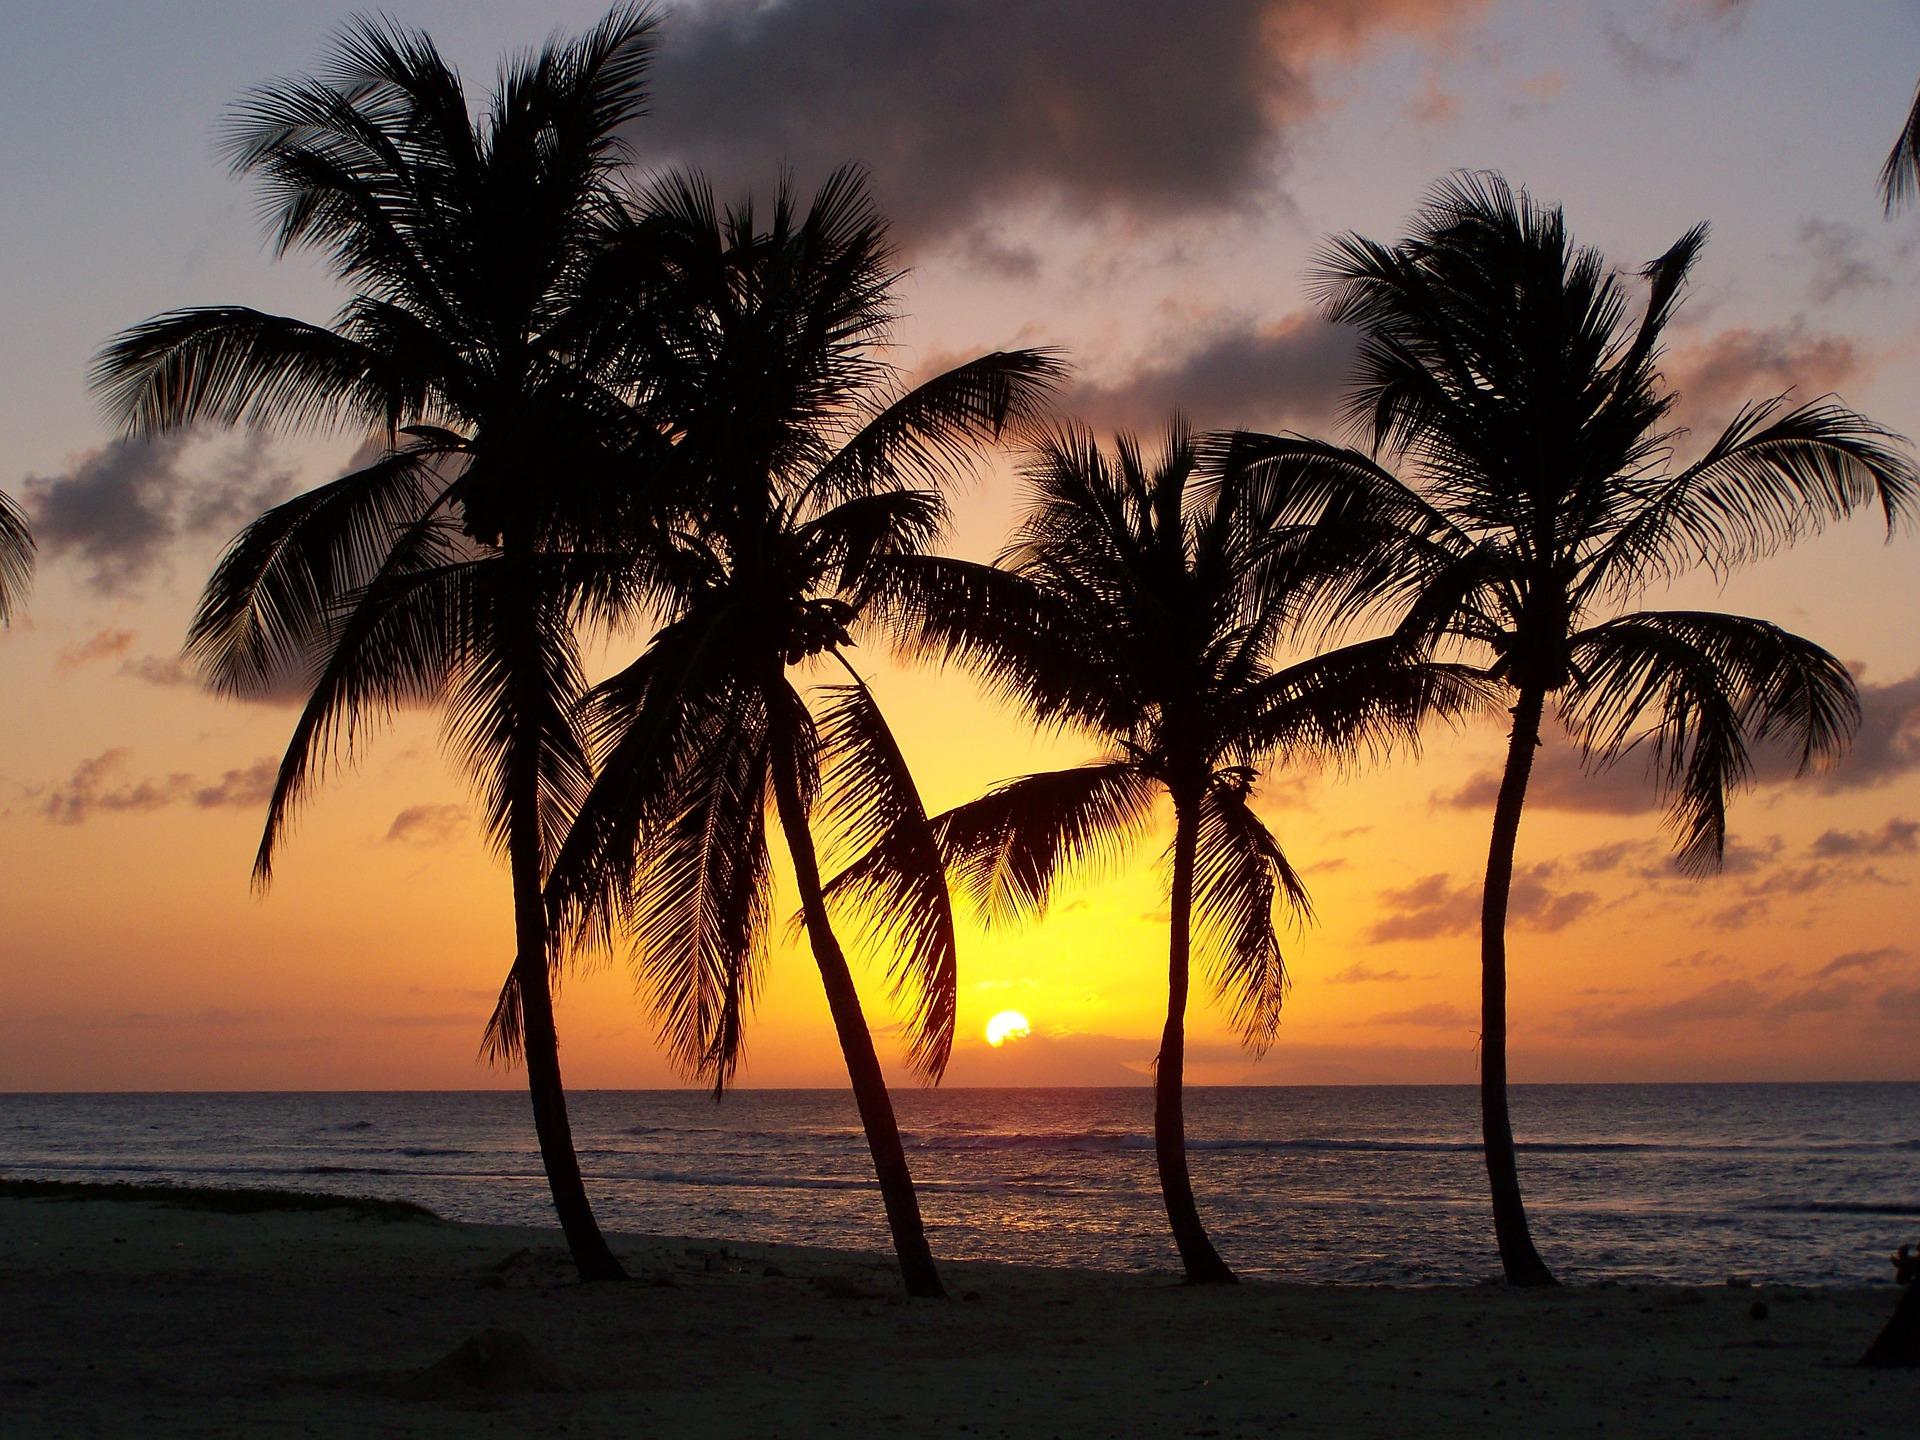 La loi « Égalité réelle Outre-mer » est adoptée